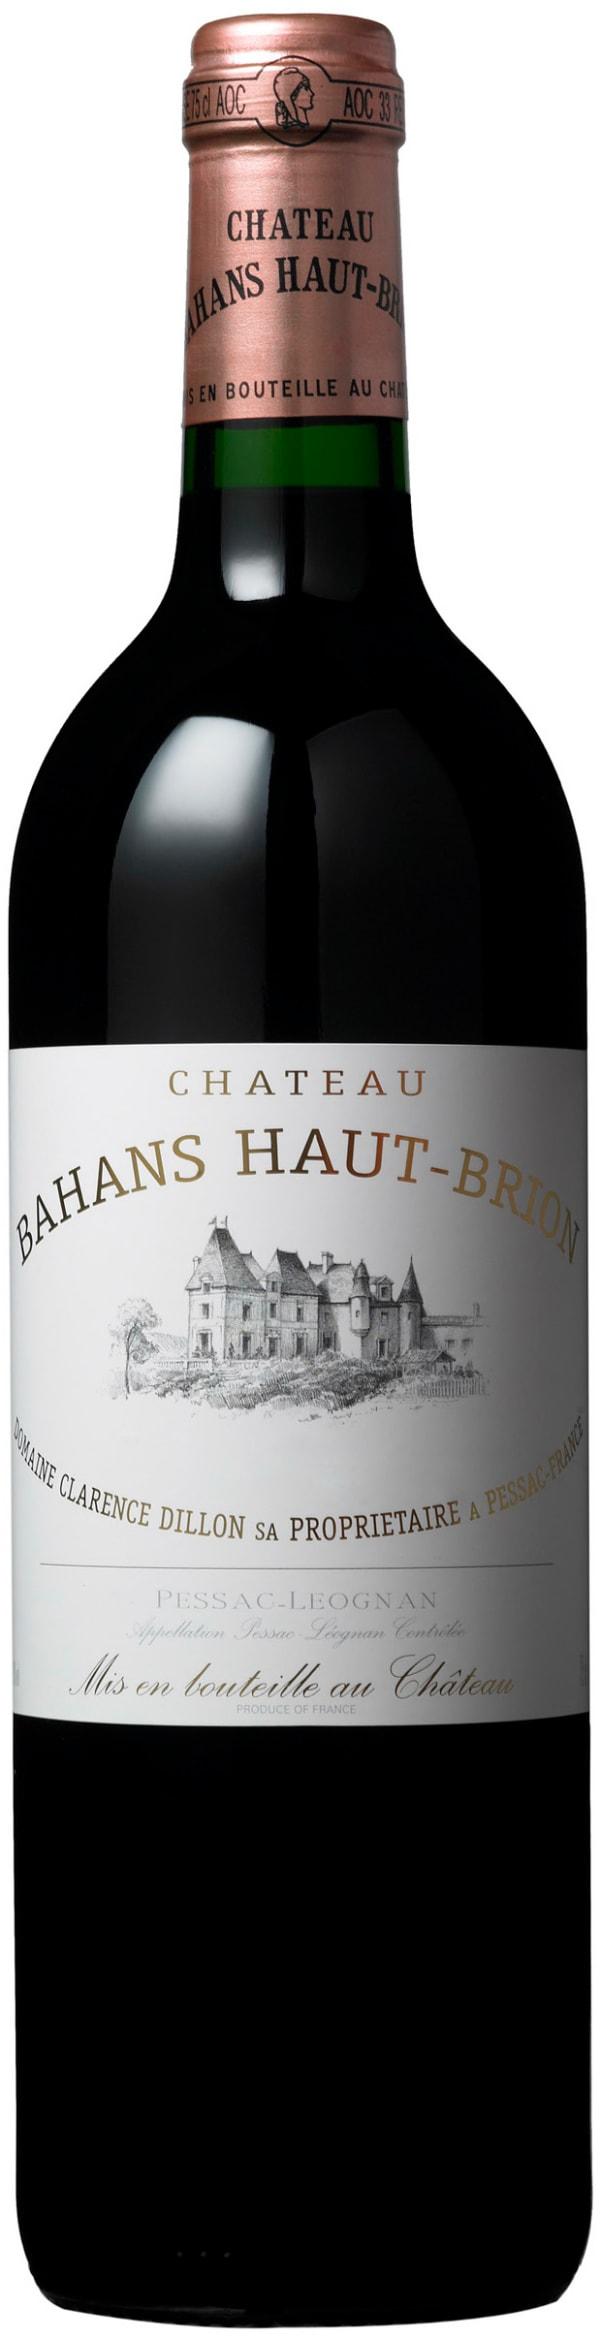 Château Bahans Haut-Brion 2005